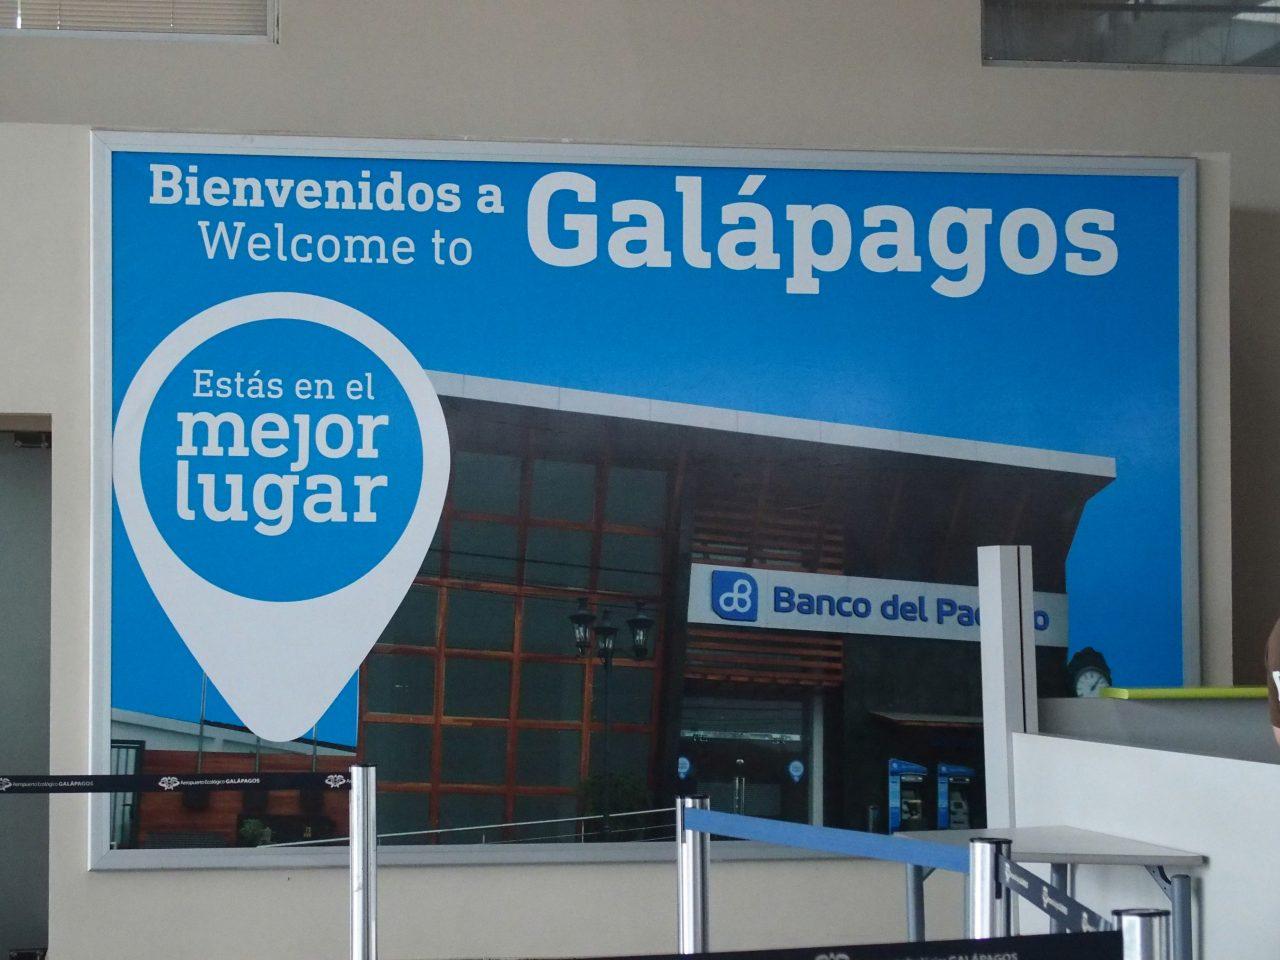 Enfin arrivée sur les îles Galapagos !